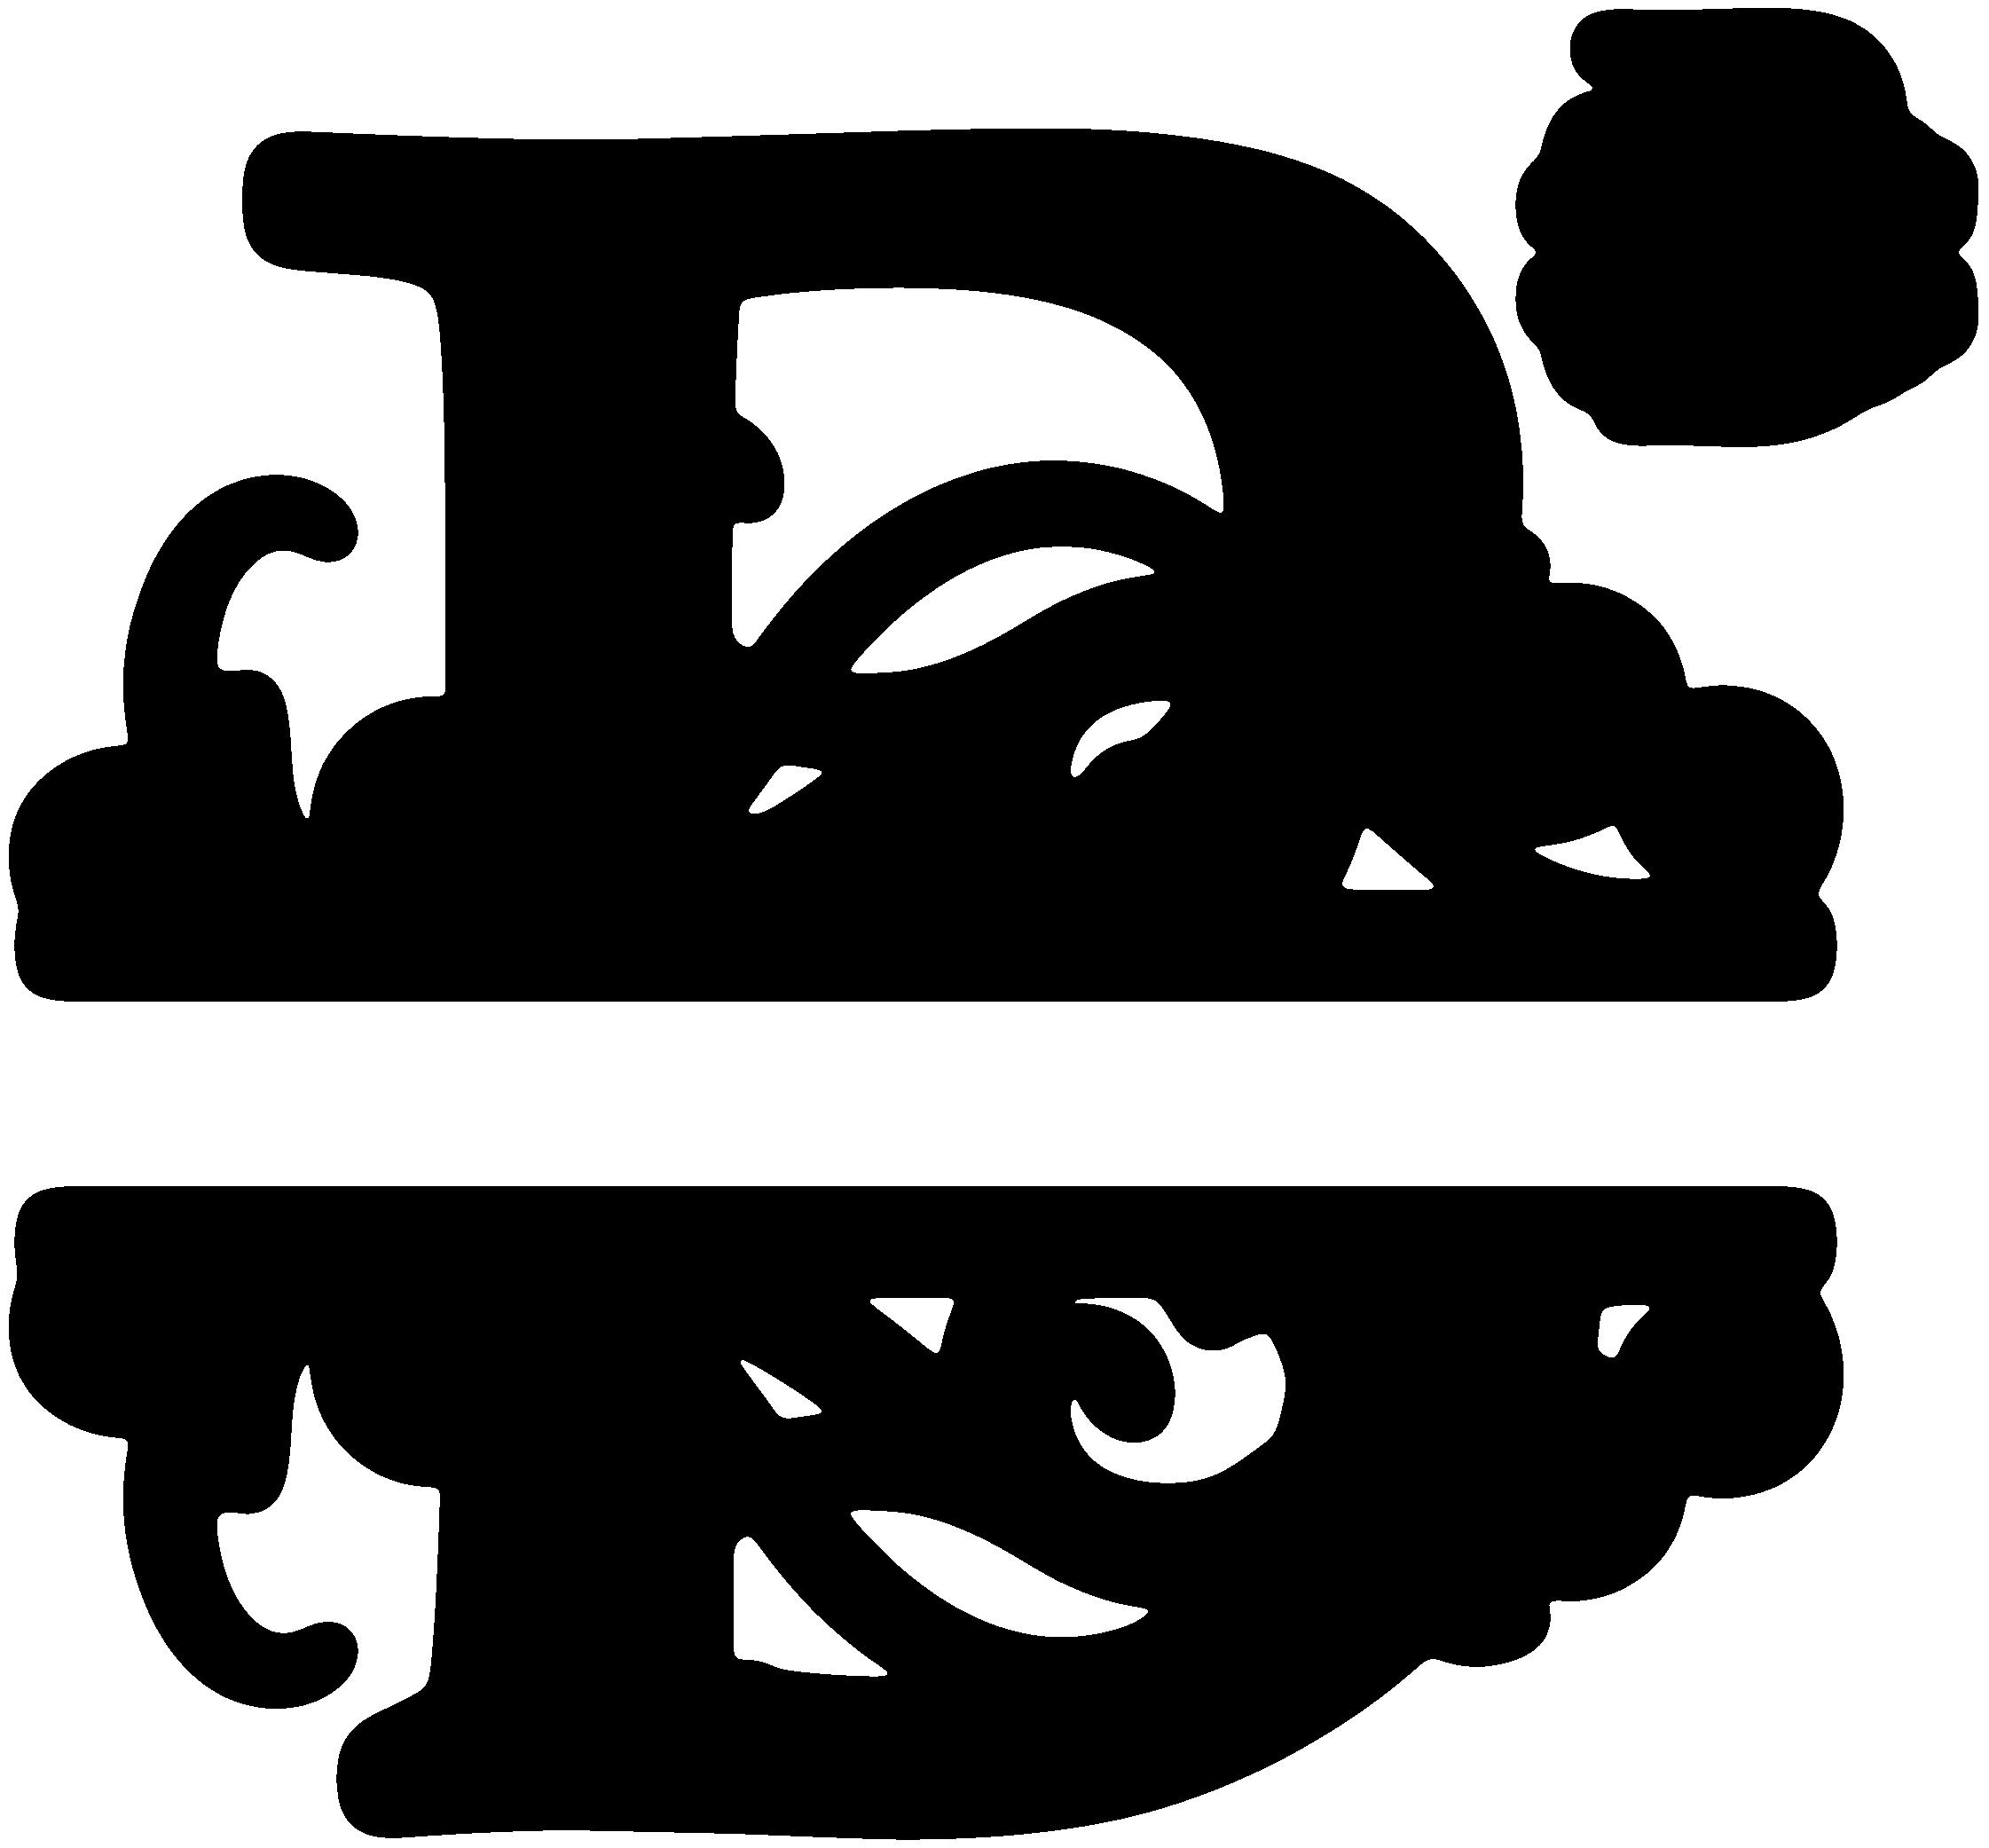 Split sds svgattic com. B clipart monogram